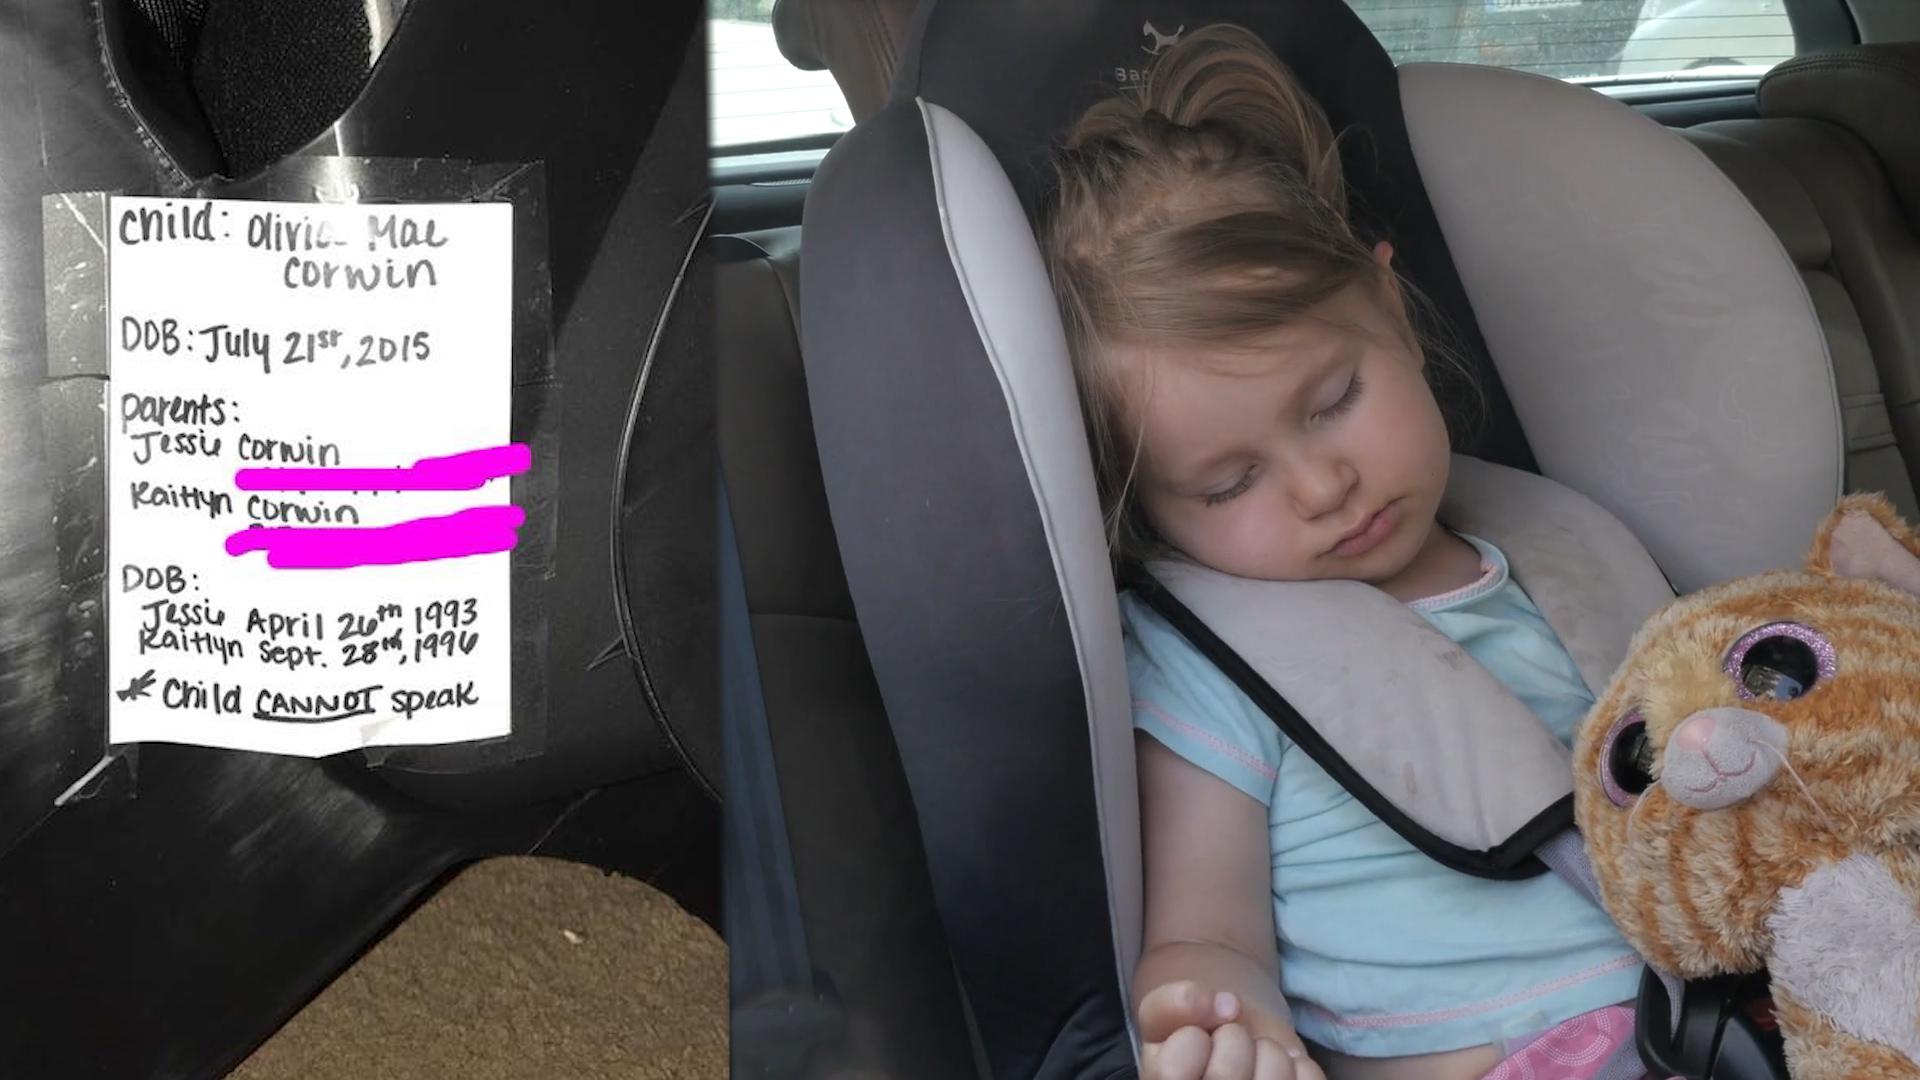 Trik, który może uratować życie dziecka w wypadku samochodowym